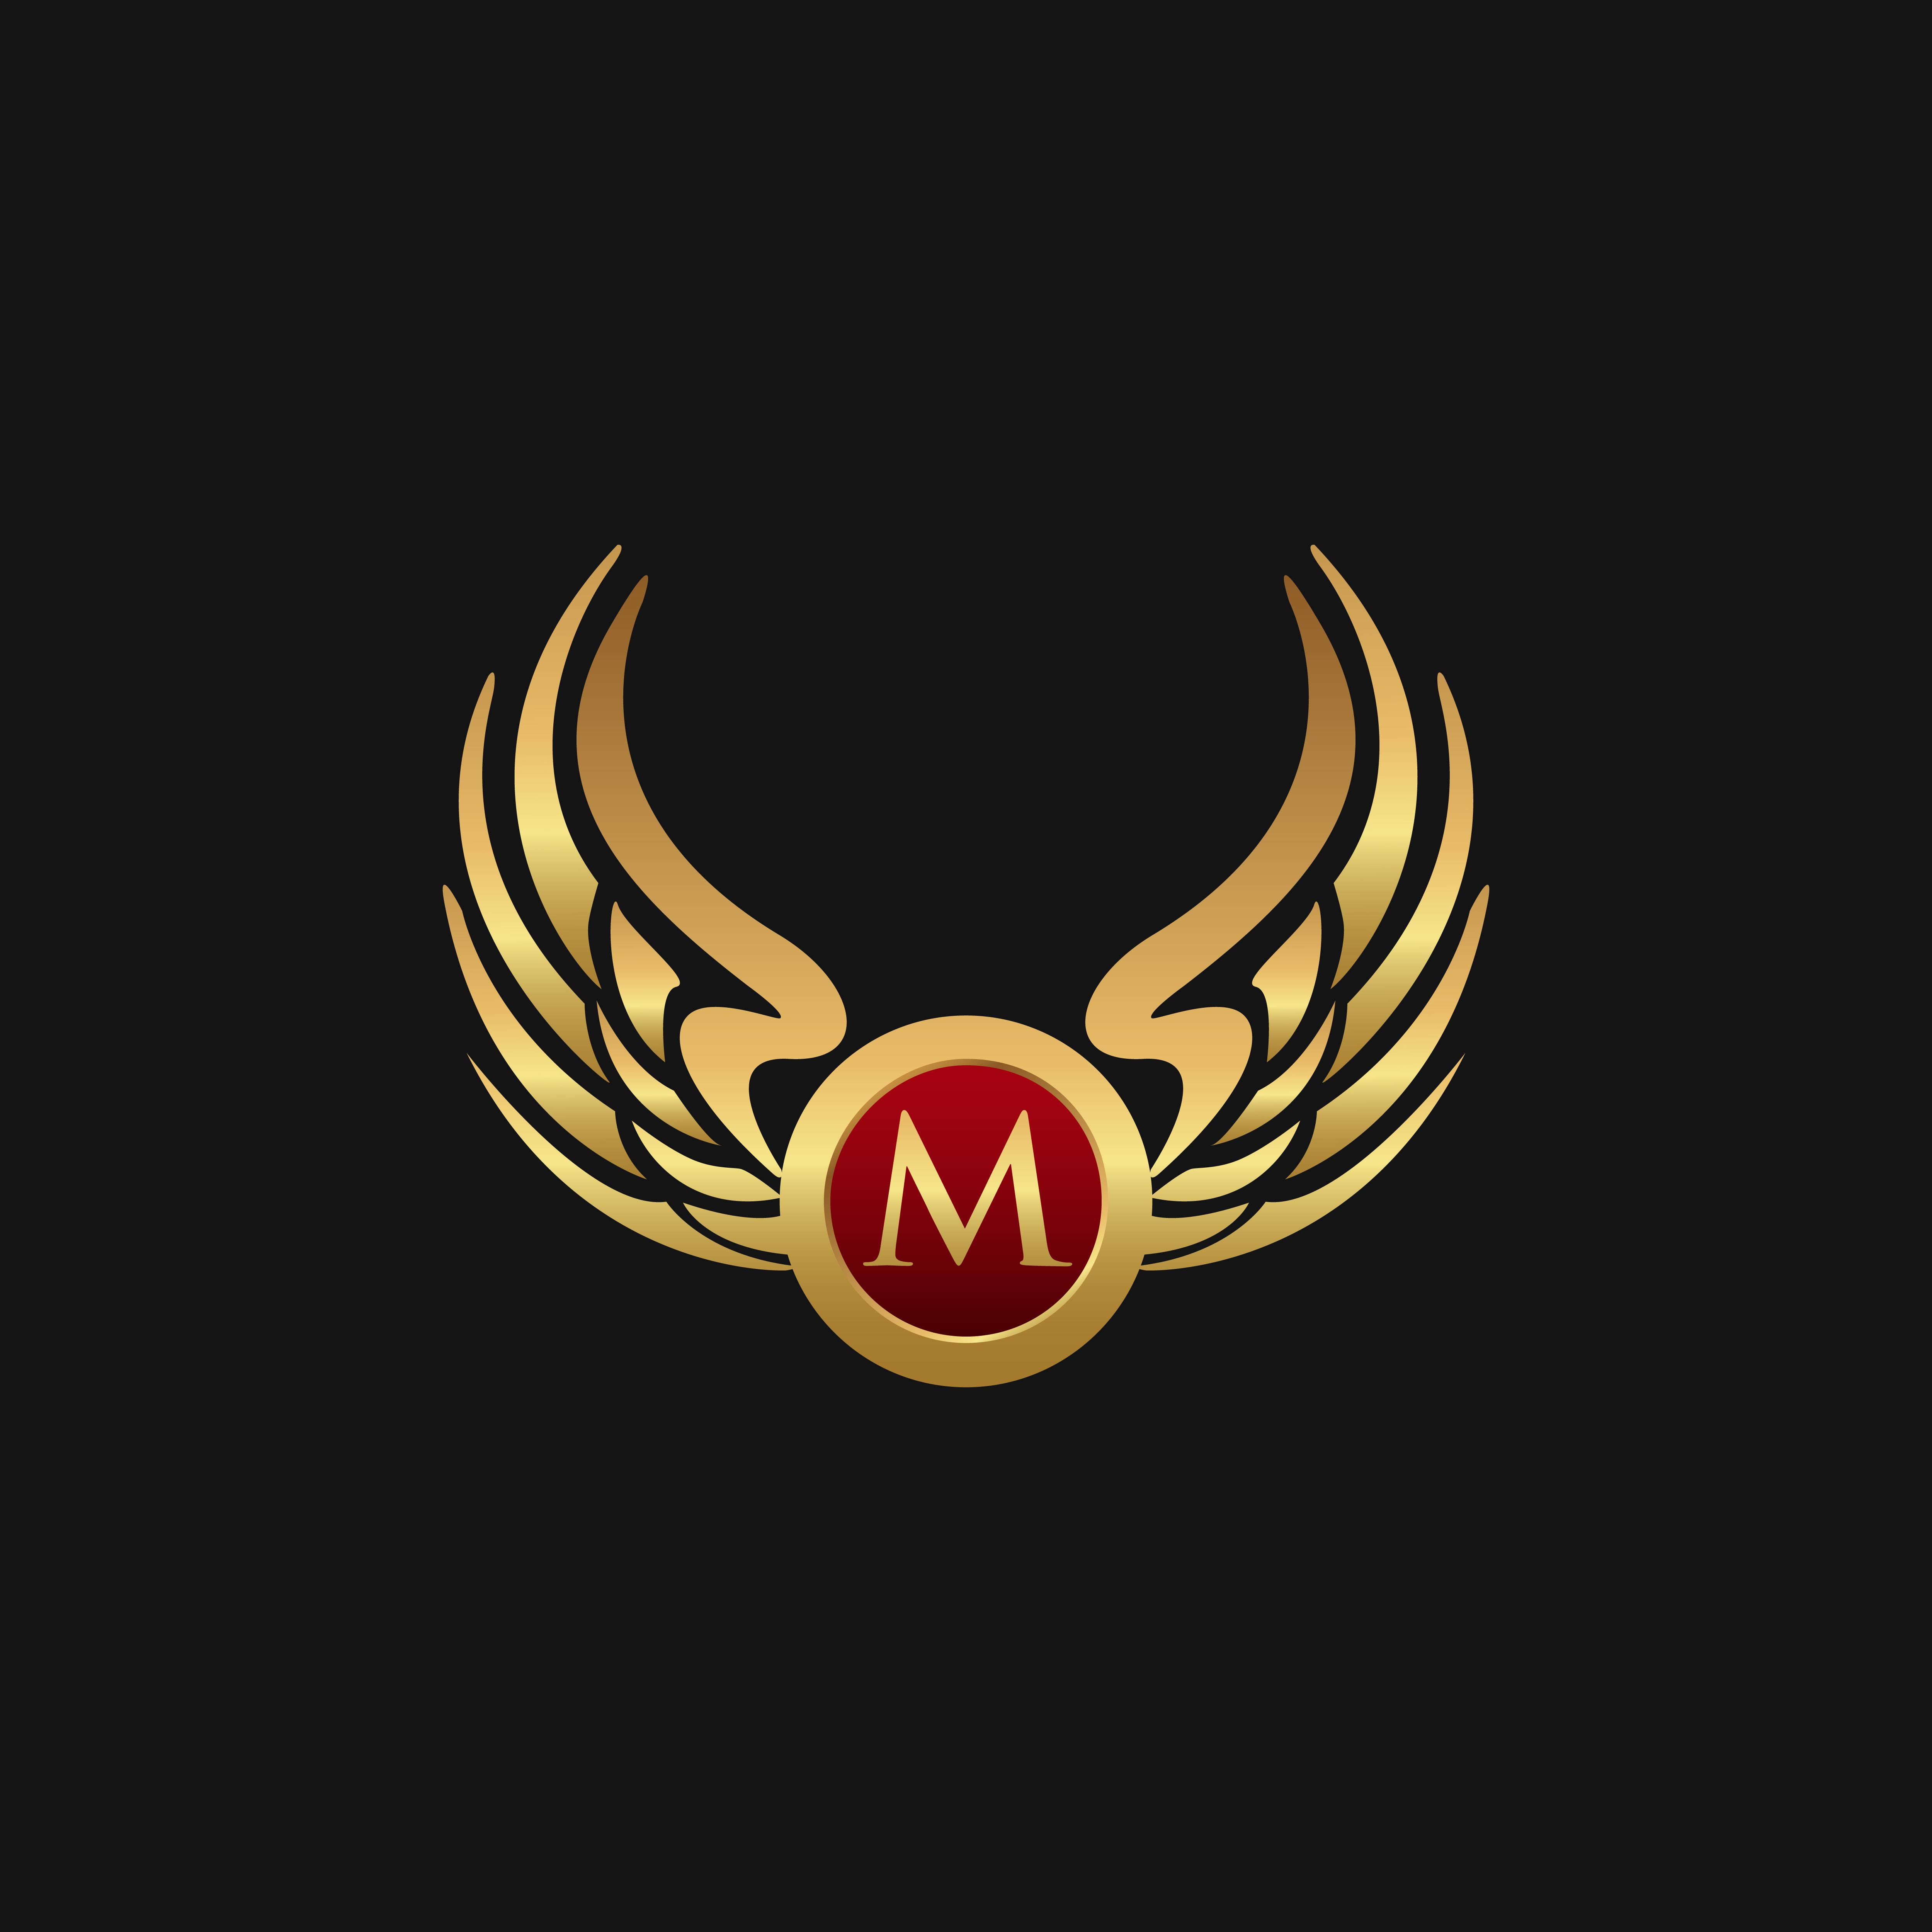 Luxury Letter M Emblem Wings Logo Design Concept Template